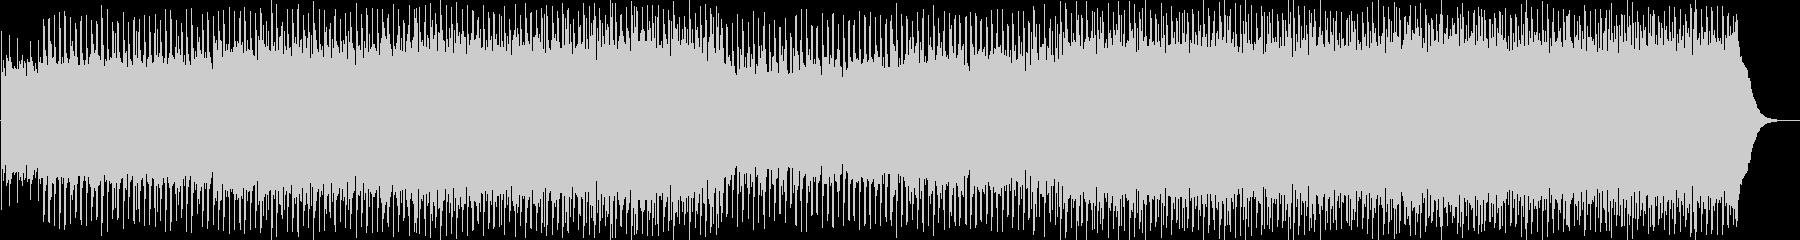 インディーズ ロック ポップ コー...の未再生の波形